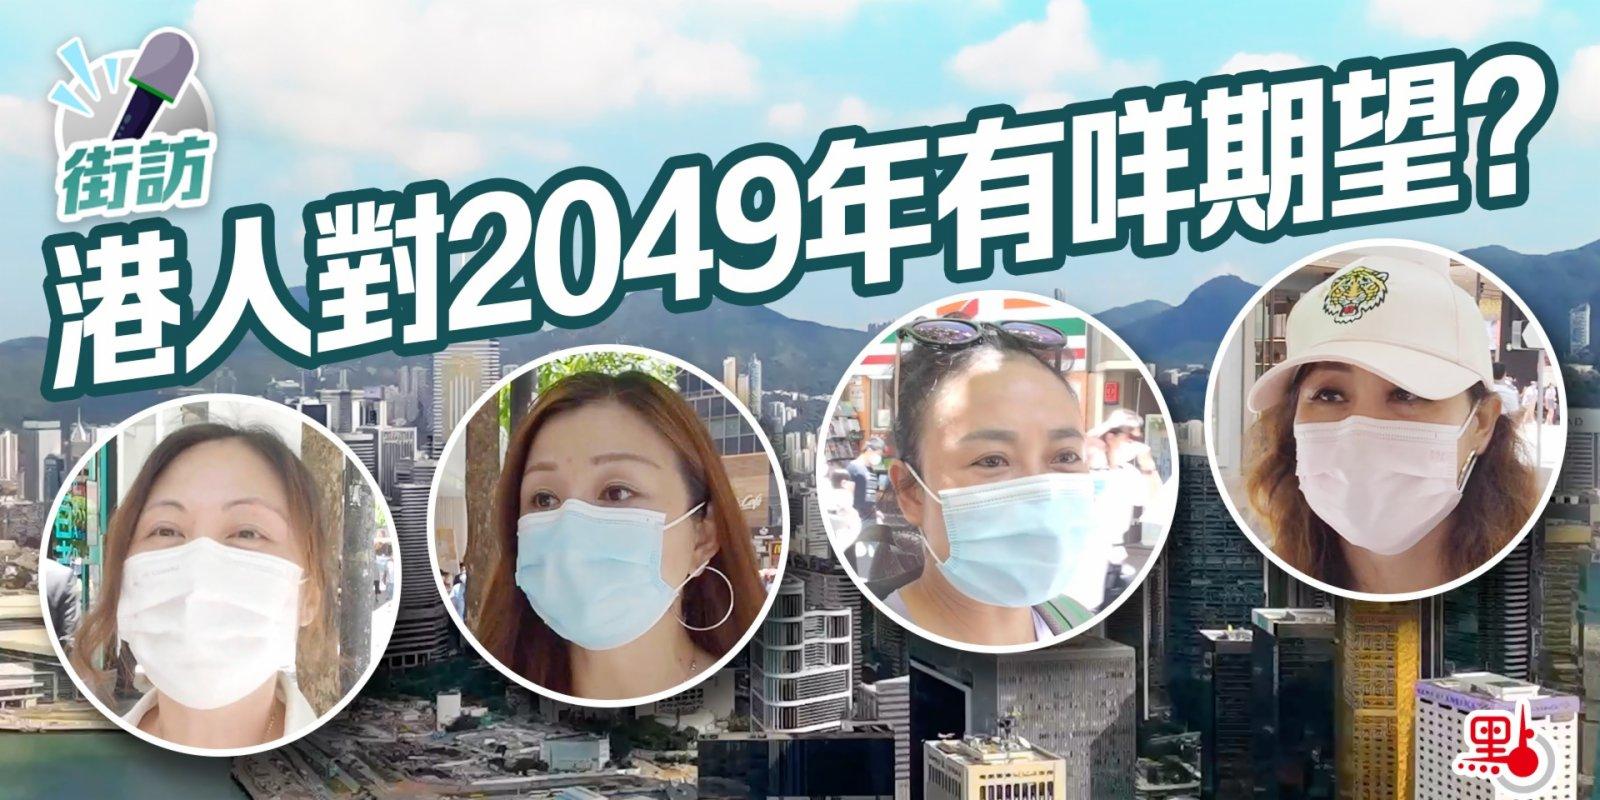 街訪 港人對2049年有咩期望?